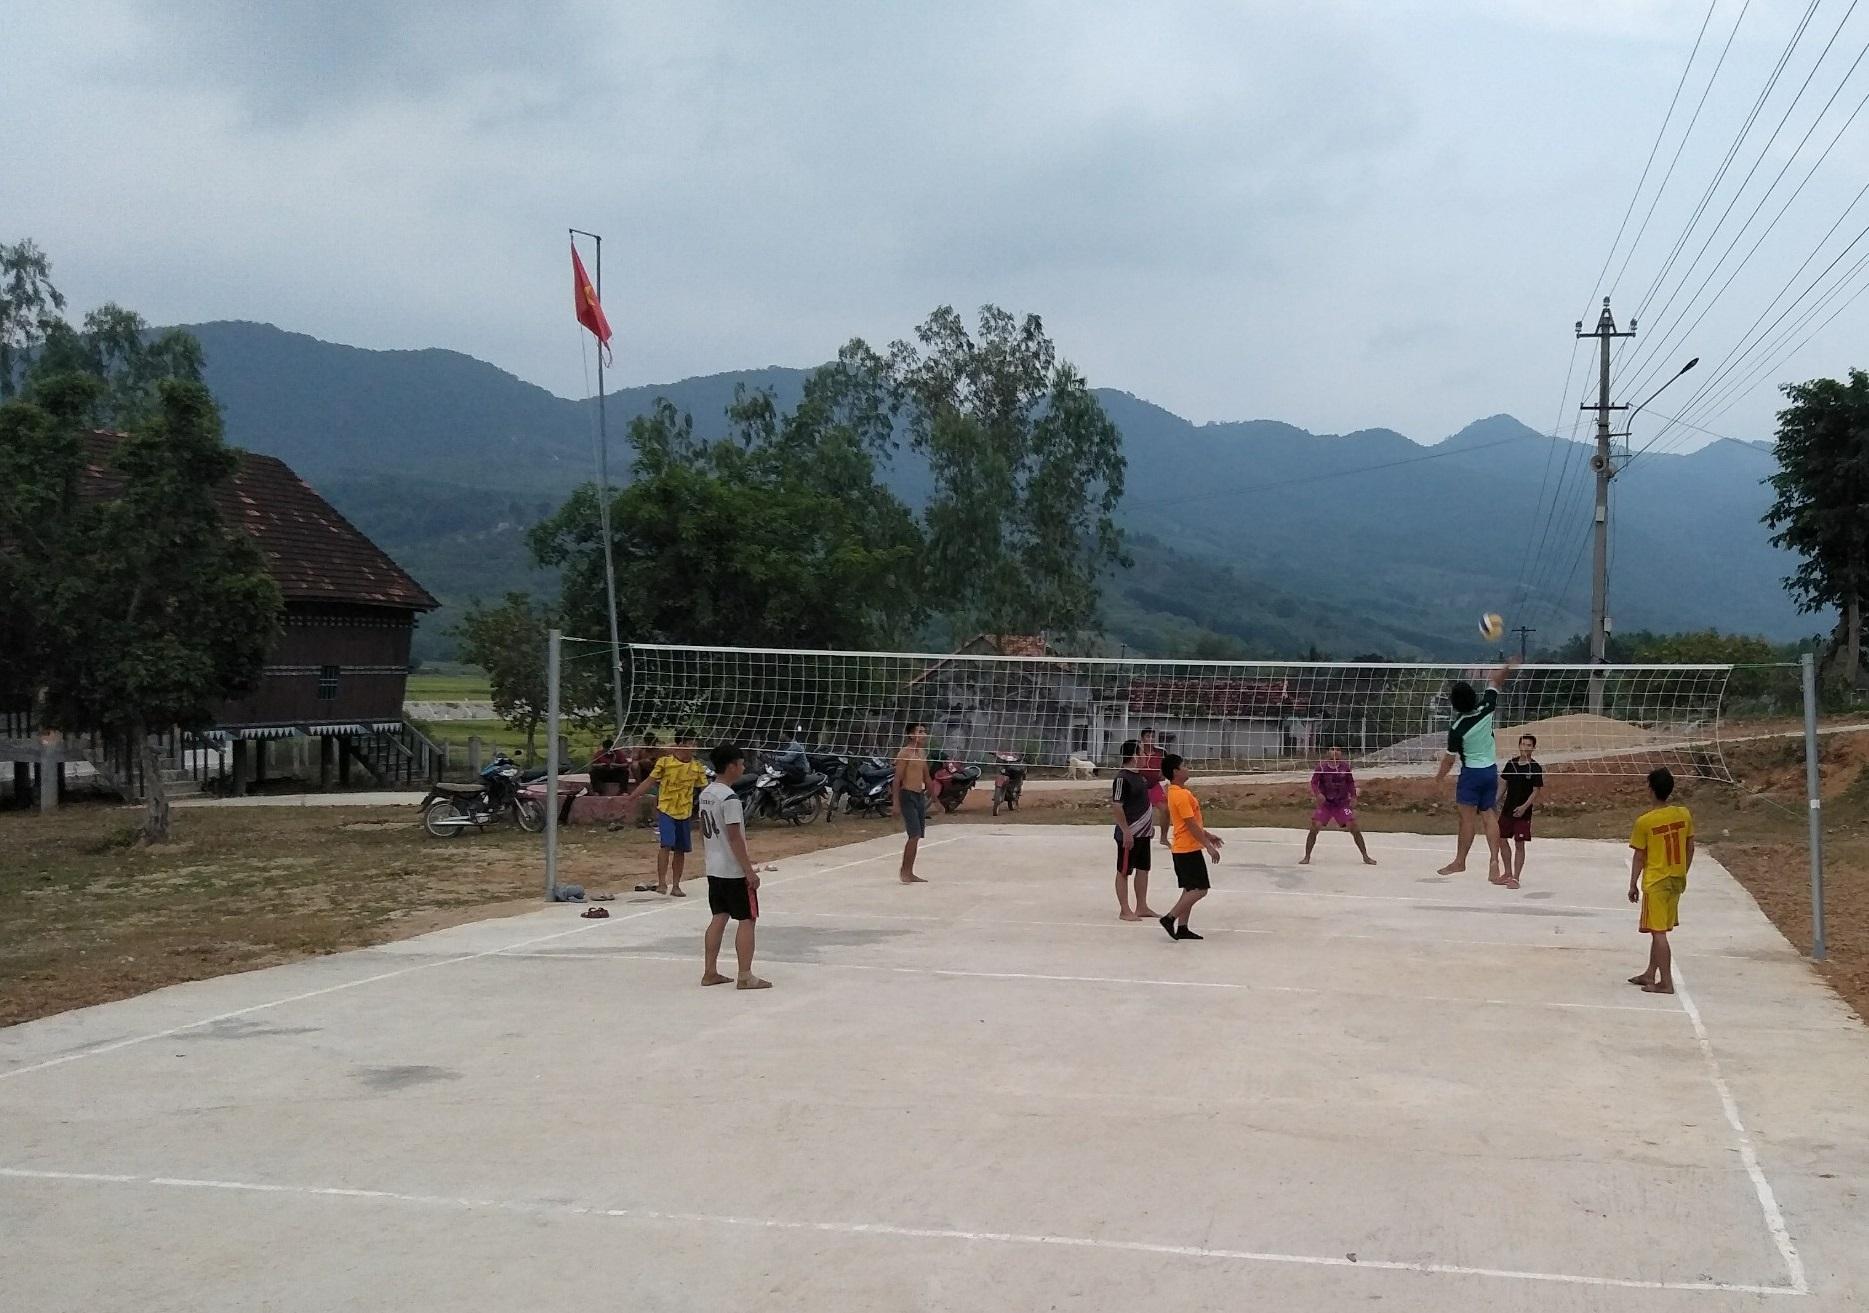 Thanh niên các làng thuộc xã Vĩnh Thuận giao lưu, tập luyện môn bóng chuyền tại nhà văn hoá xã